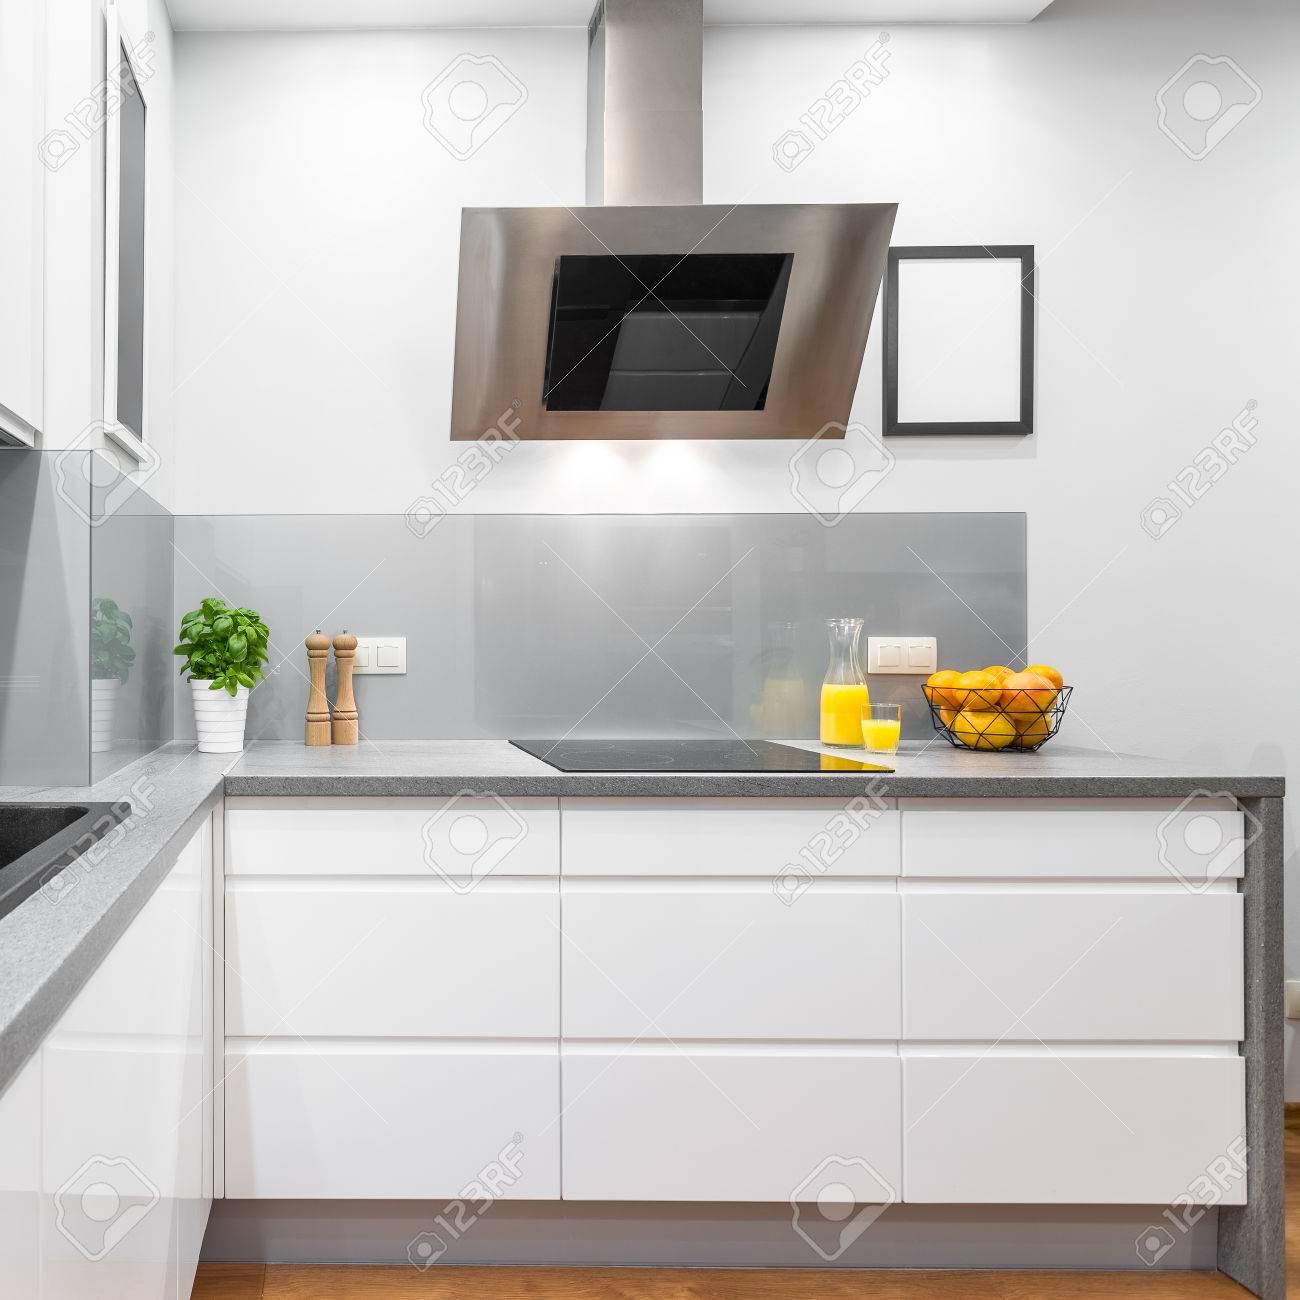 Cocina Con Muebles Blancos Modernos, Encimera De Granito Y Campana ...